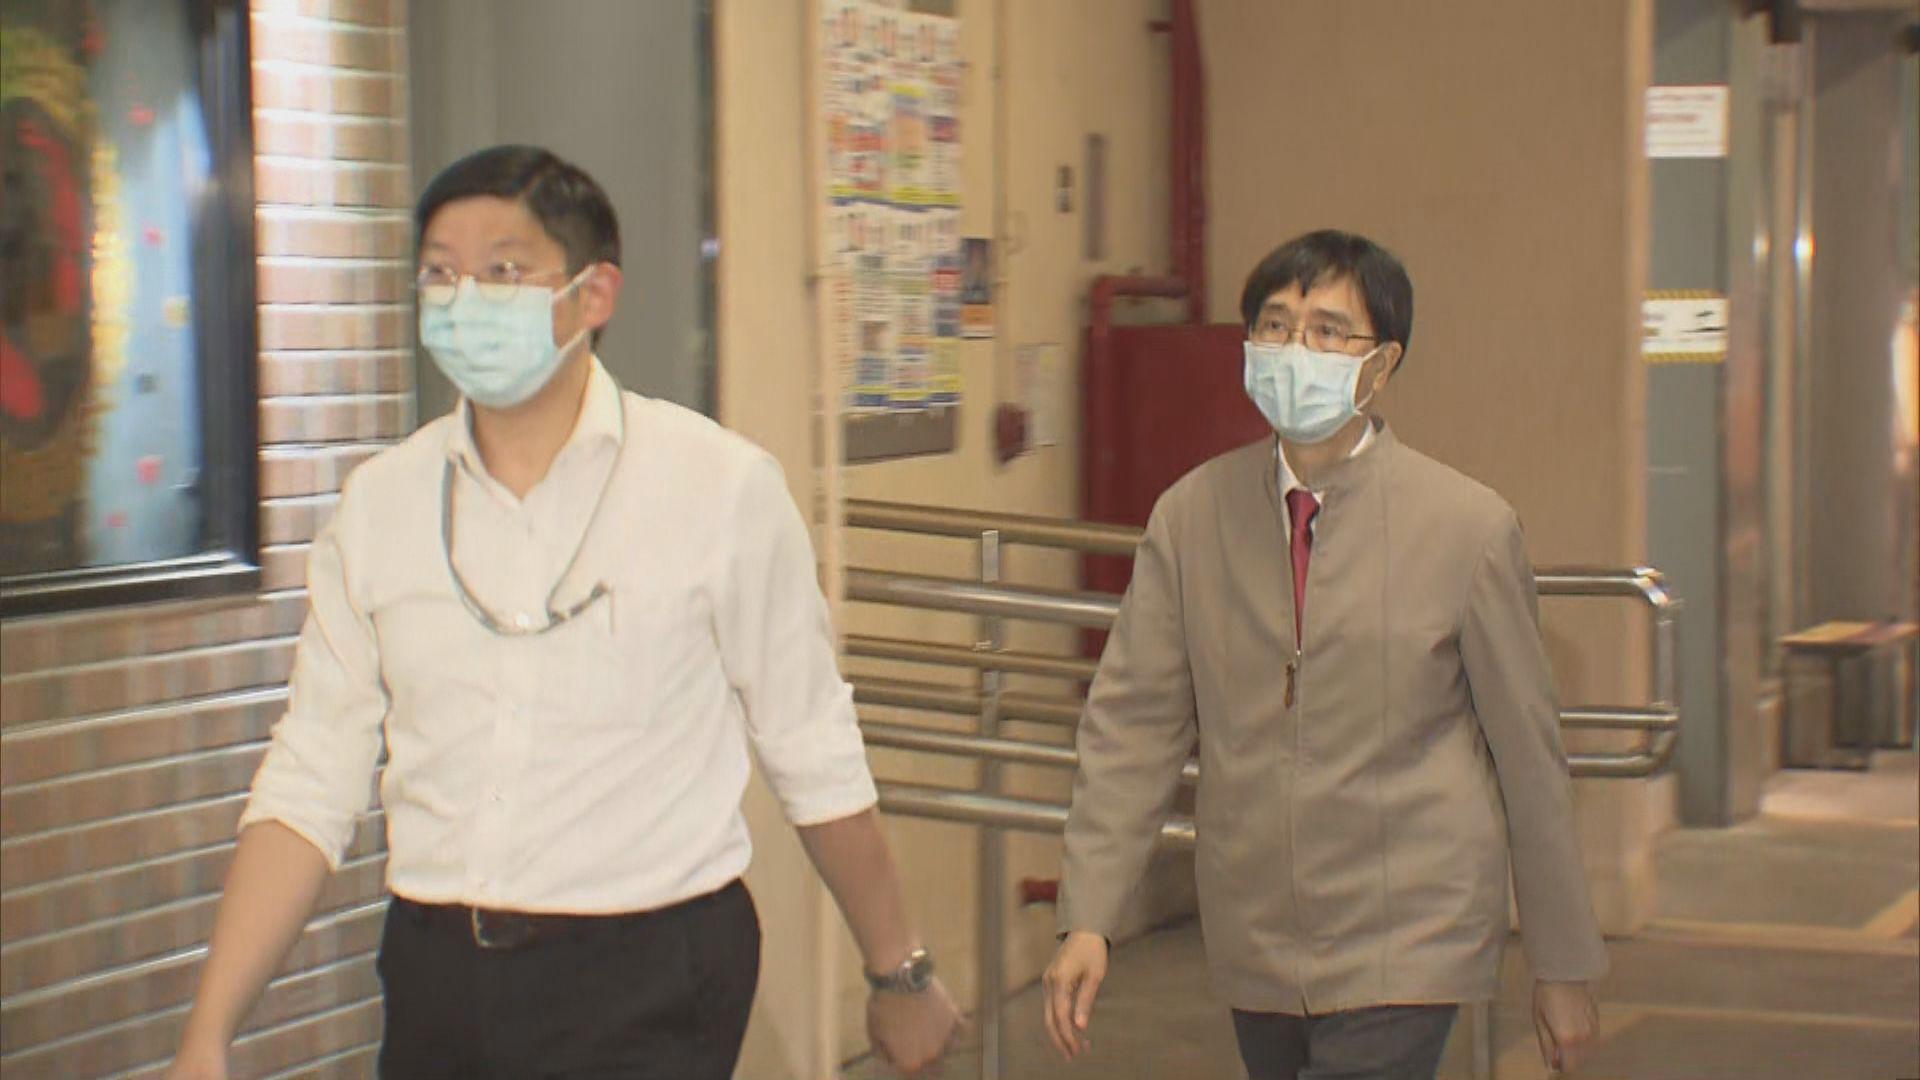 袁國勇:確診四歲男童較大機會於一月已在居所感染病毒